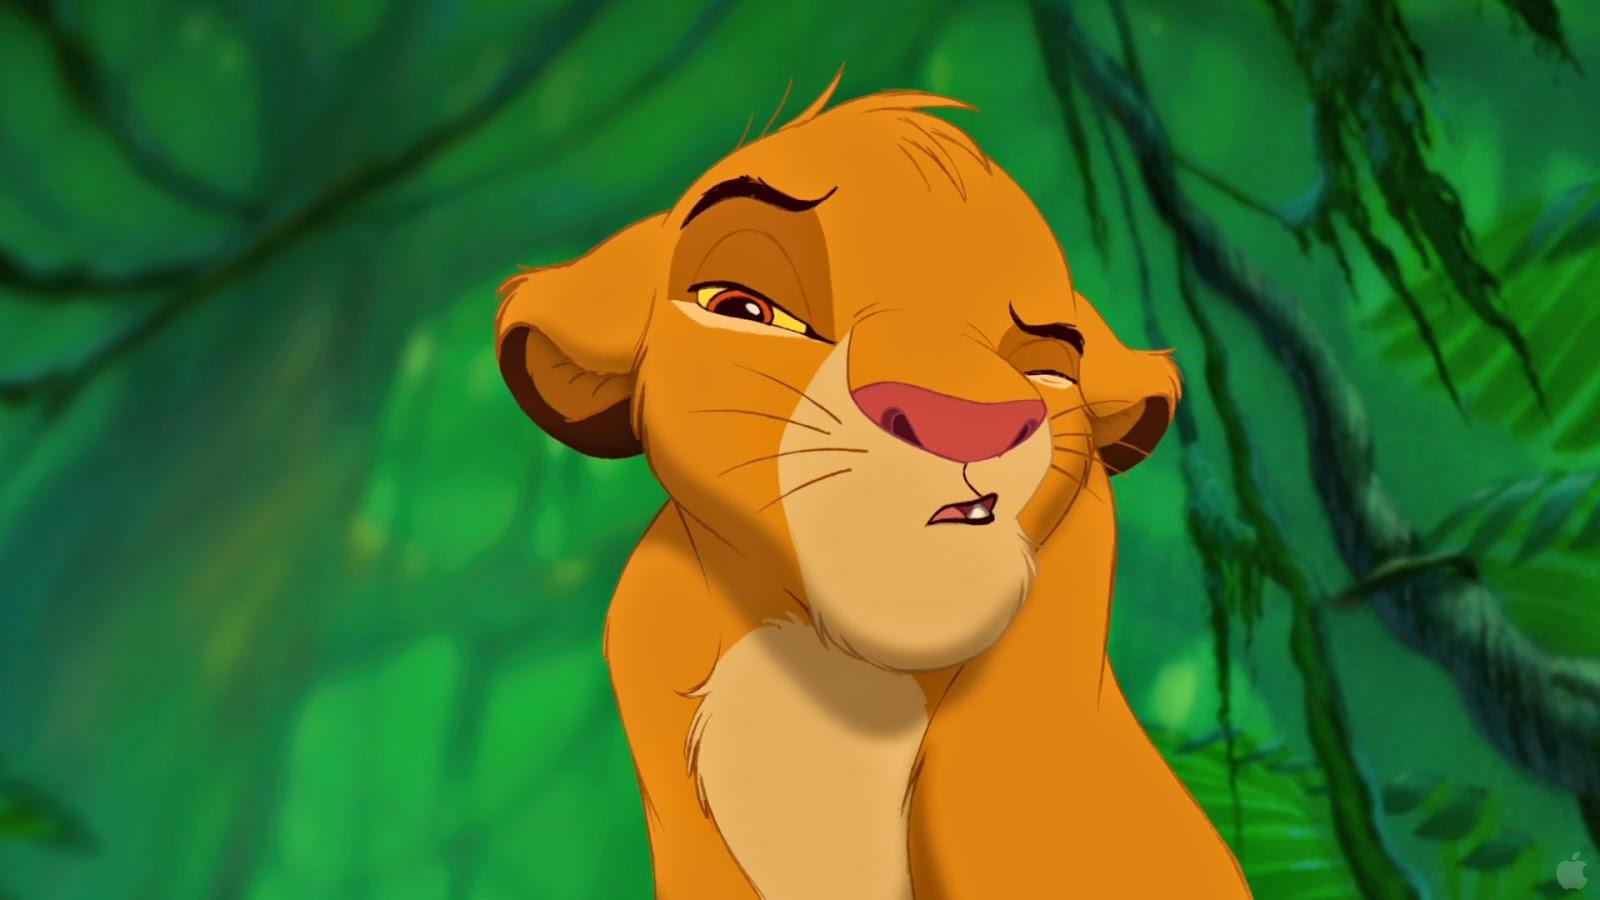 Wallpaper Lion King HD